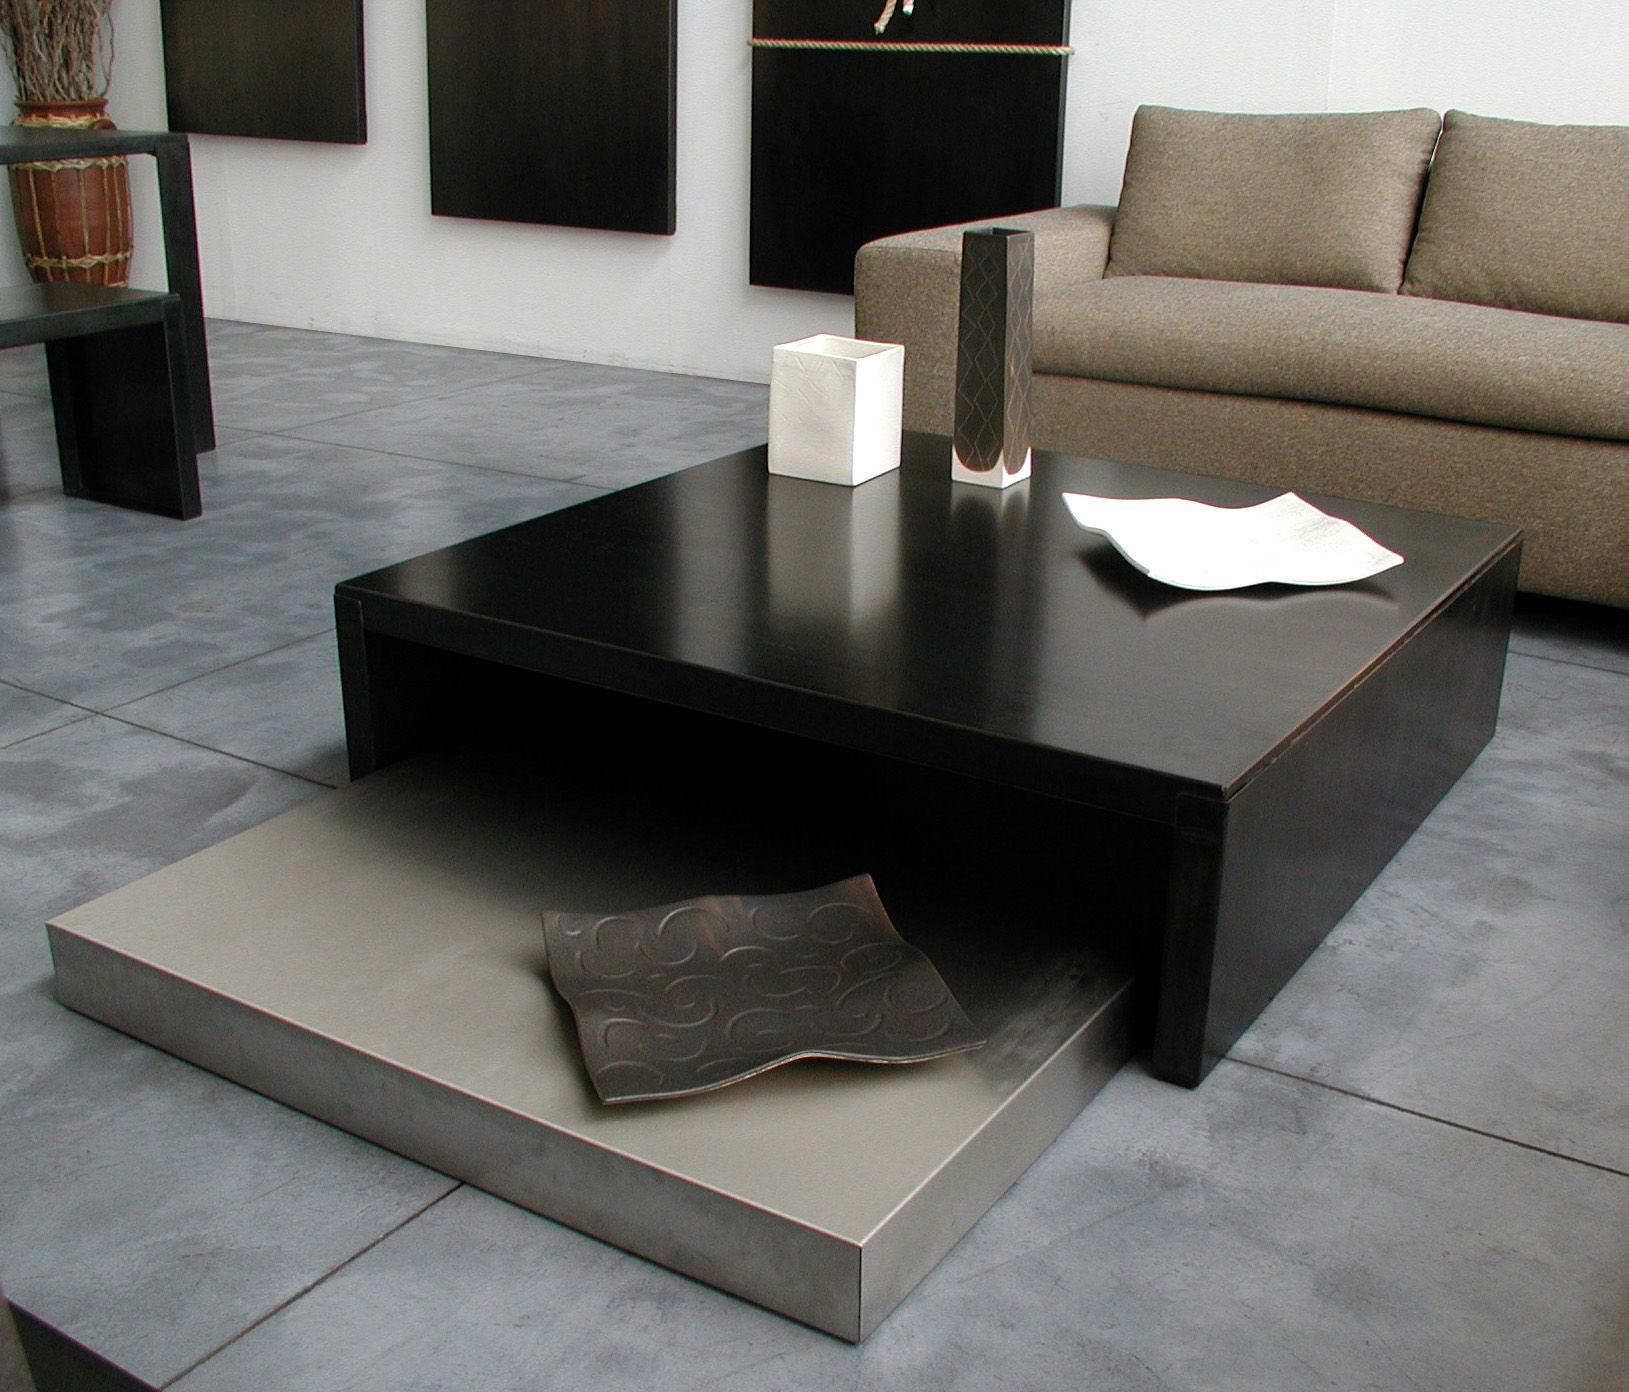 table basse max moritz acier phosphat noir acier. Black Bedroom Furniture Sets. Home Design Ideas